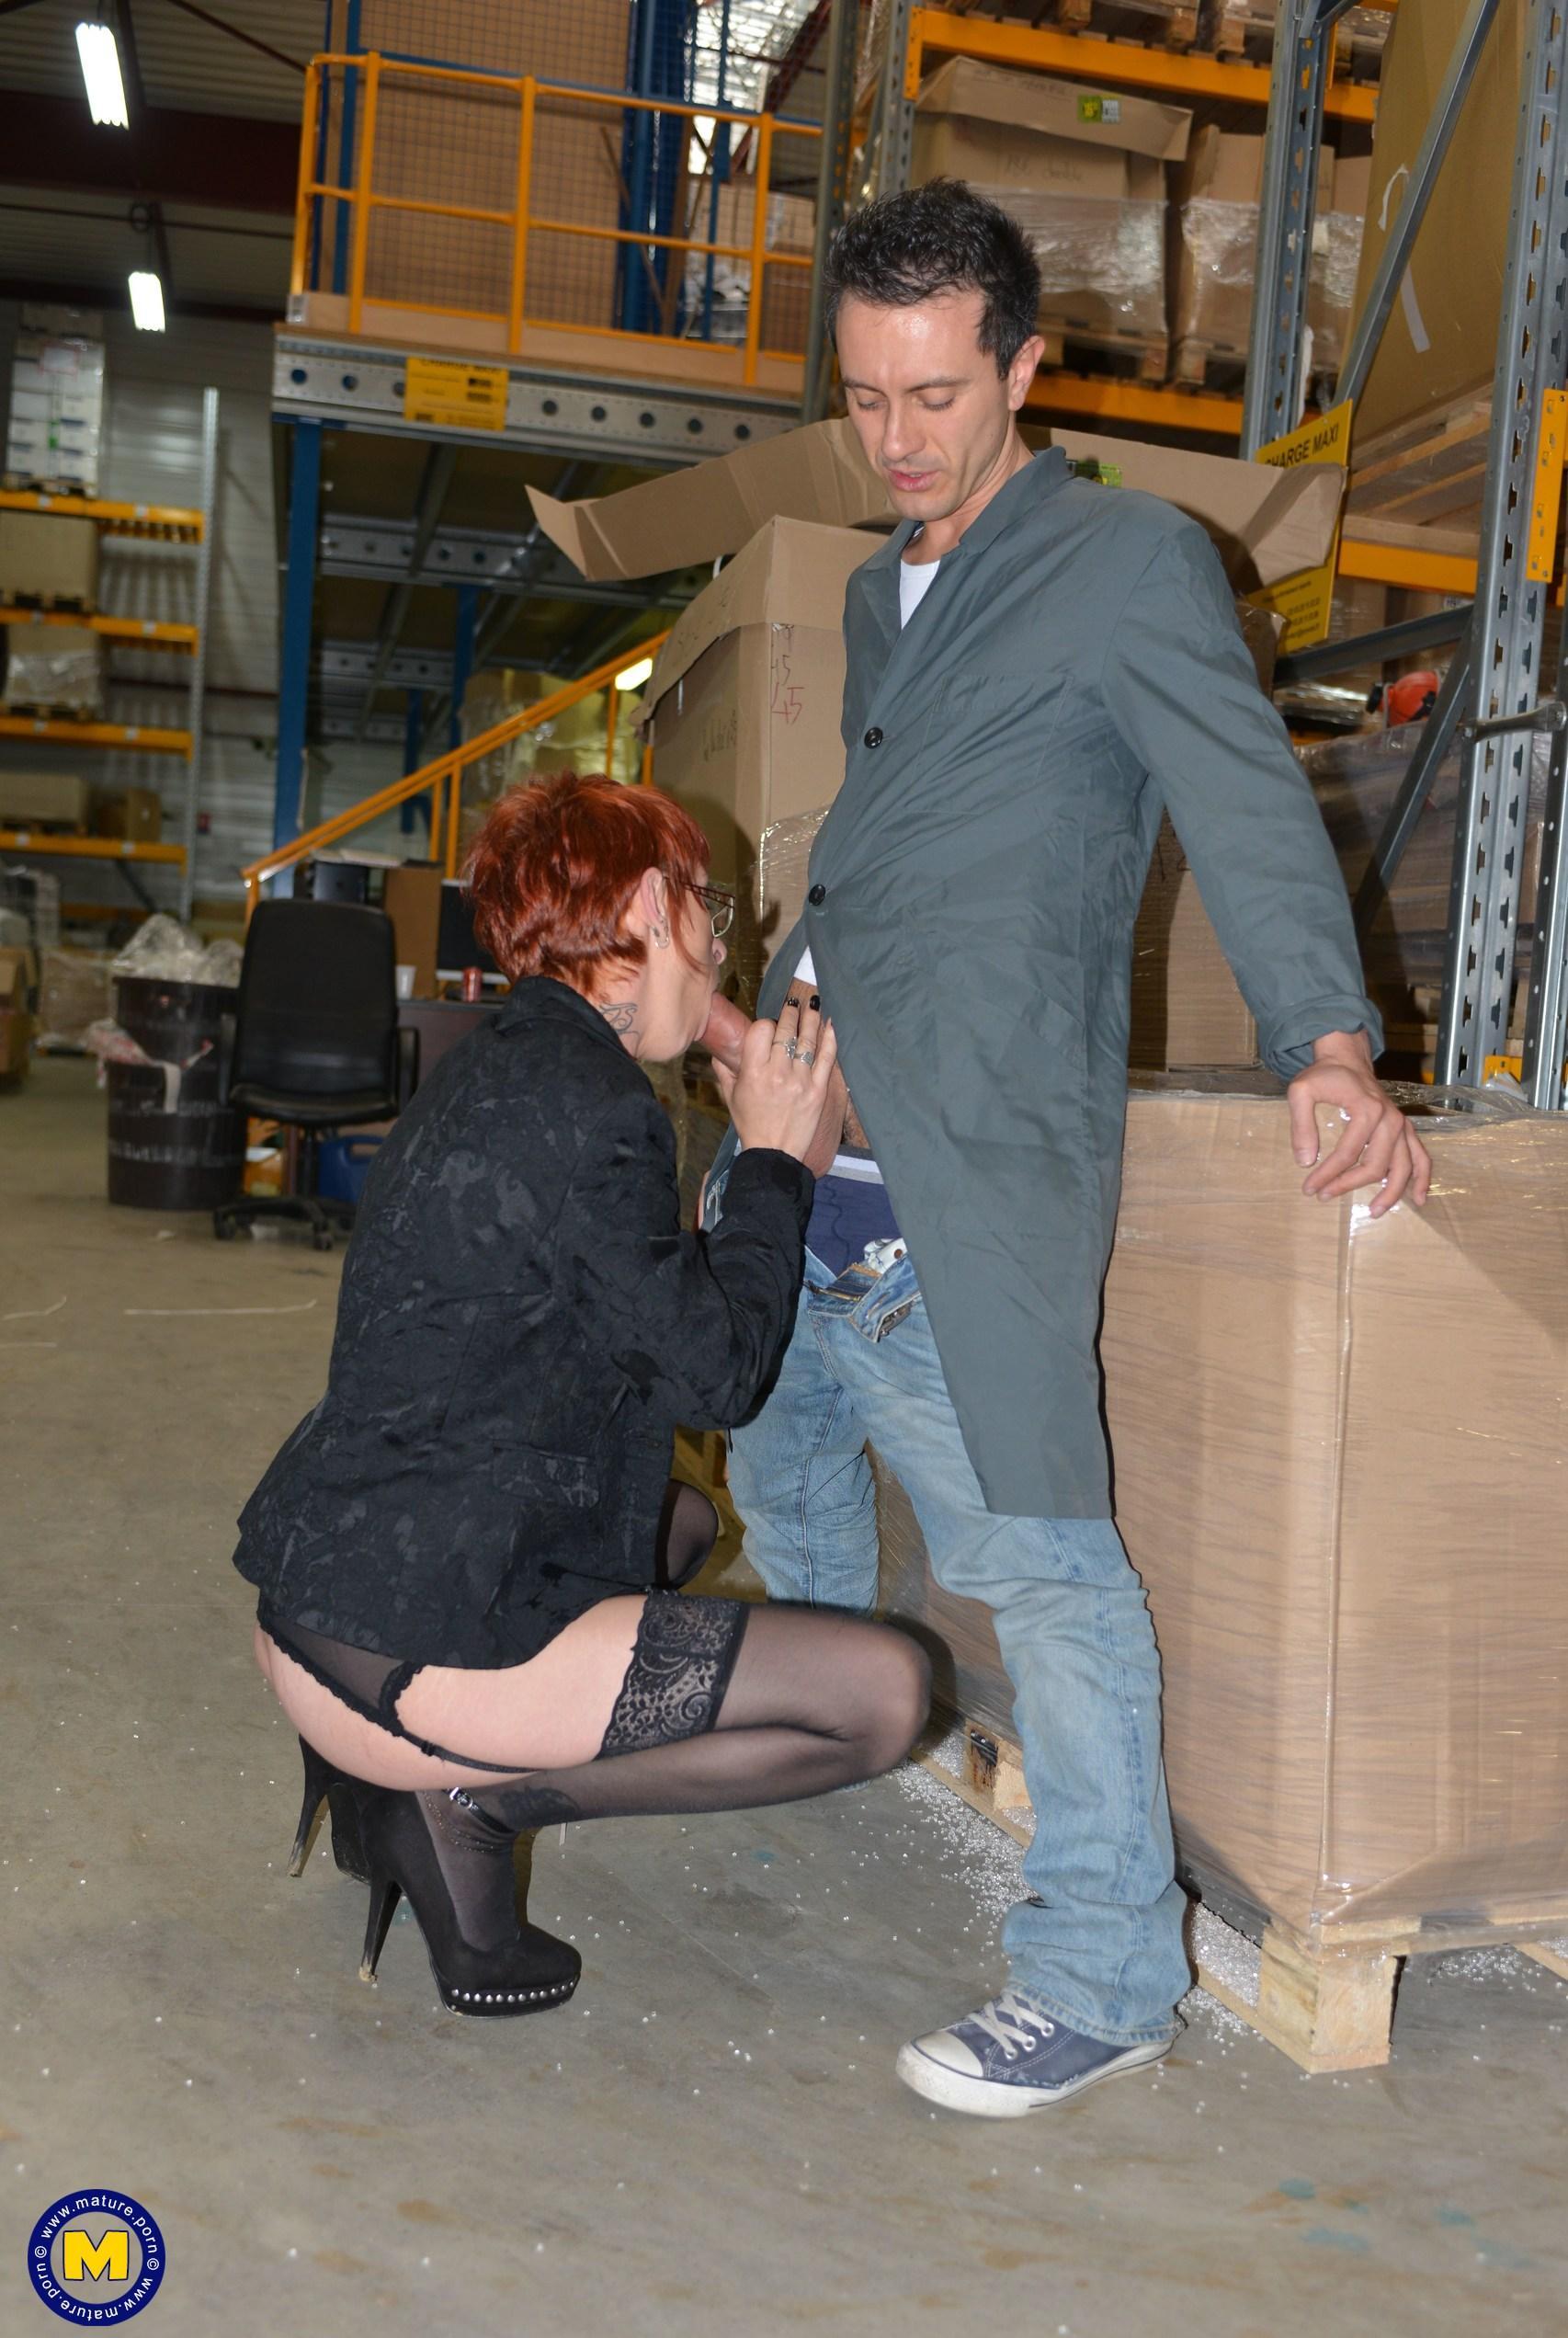 ältere arbeitskollegen erwischt vorarbeiter beim onanieren im büro. picture 2